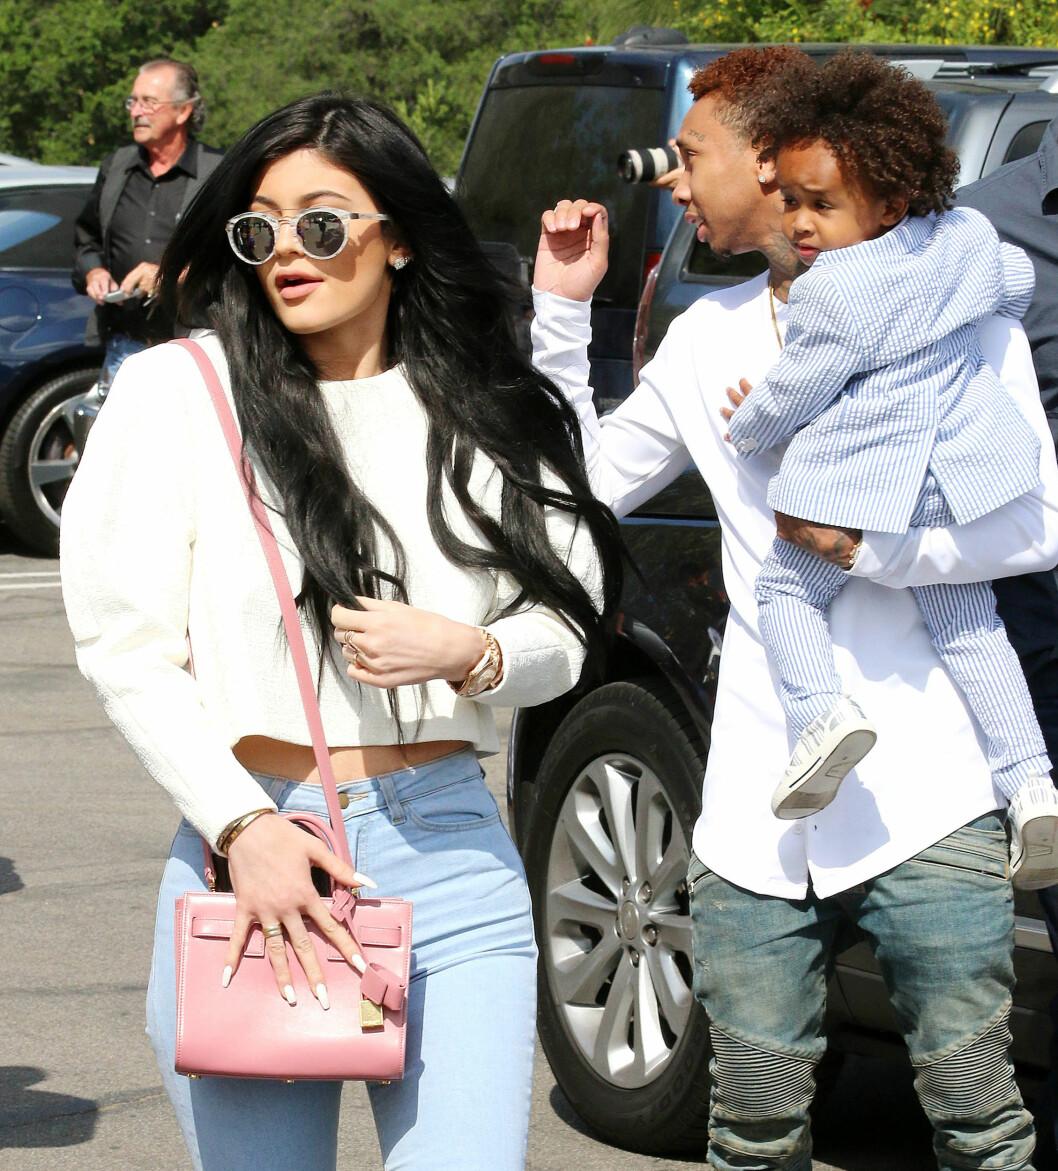 <strong>INN I VARMEN:</strong> Rapperen Tyga og sønnen King (2), som han har fra et tidligere forhold, var invitert med da Kardashian-familien feiret påskehøytiden med gudstjeneste i Los Angeles. Her er de to og Tygas kjæreste Kylie Jenner, på vei inn til gudstjenesten. Foto: Broadimage